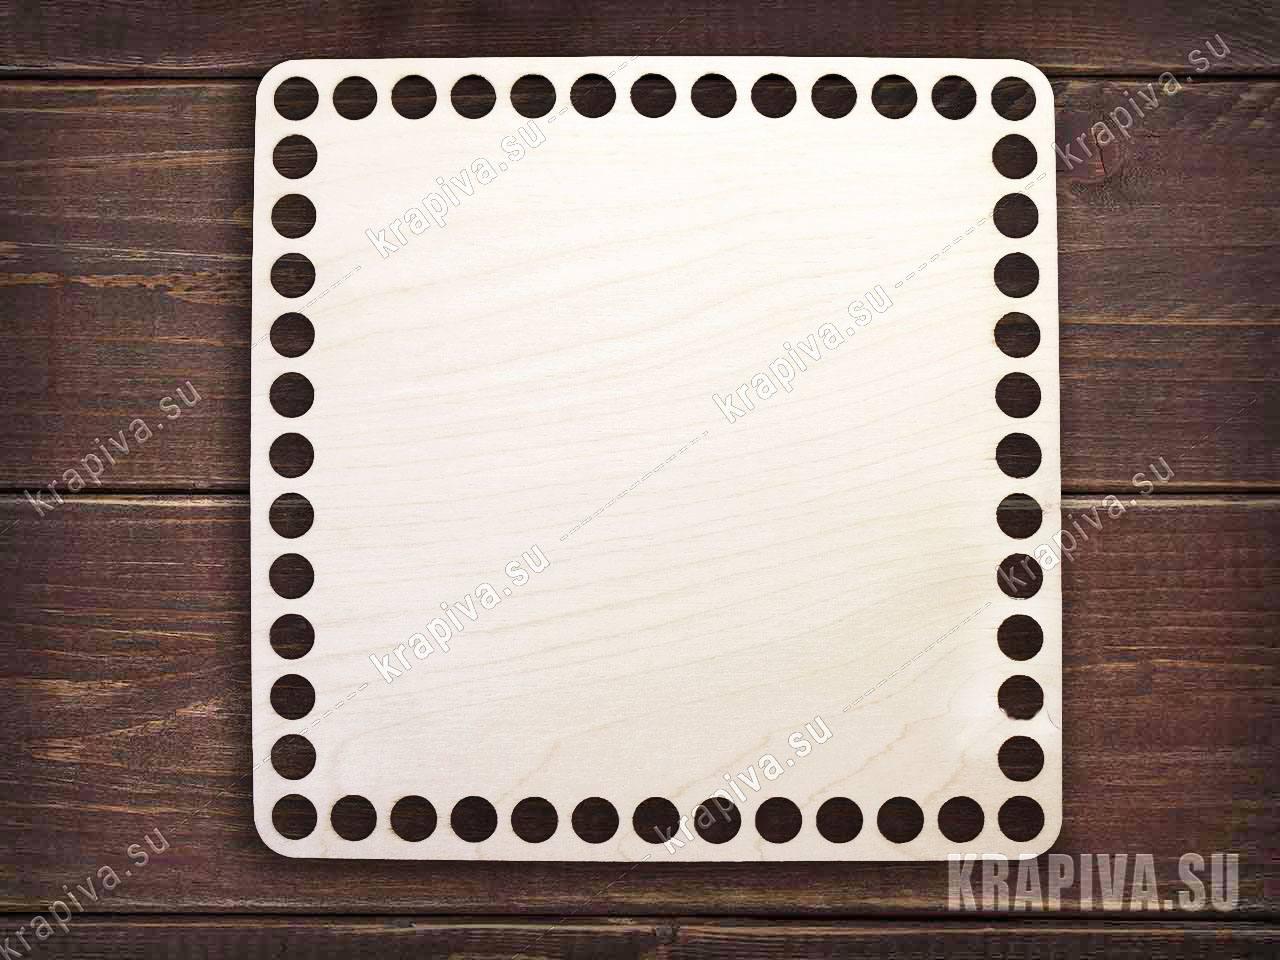 Донышко квадратное для корзины за 130 руб. в магазине Крапива (krapiva.su) (фото)